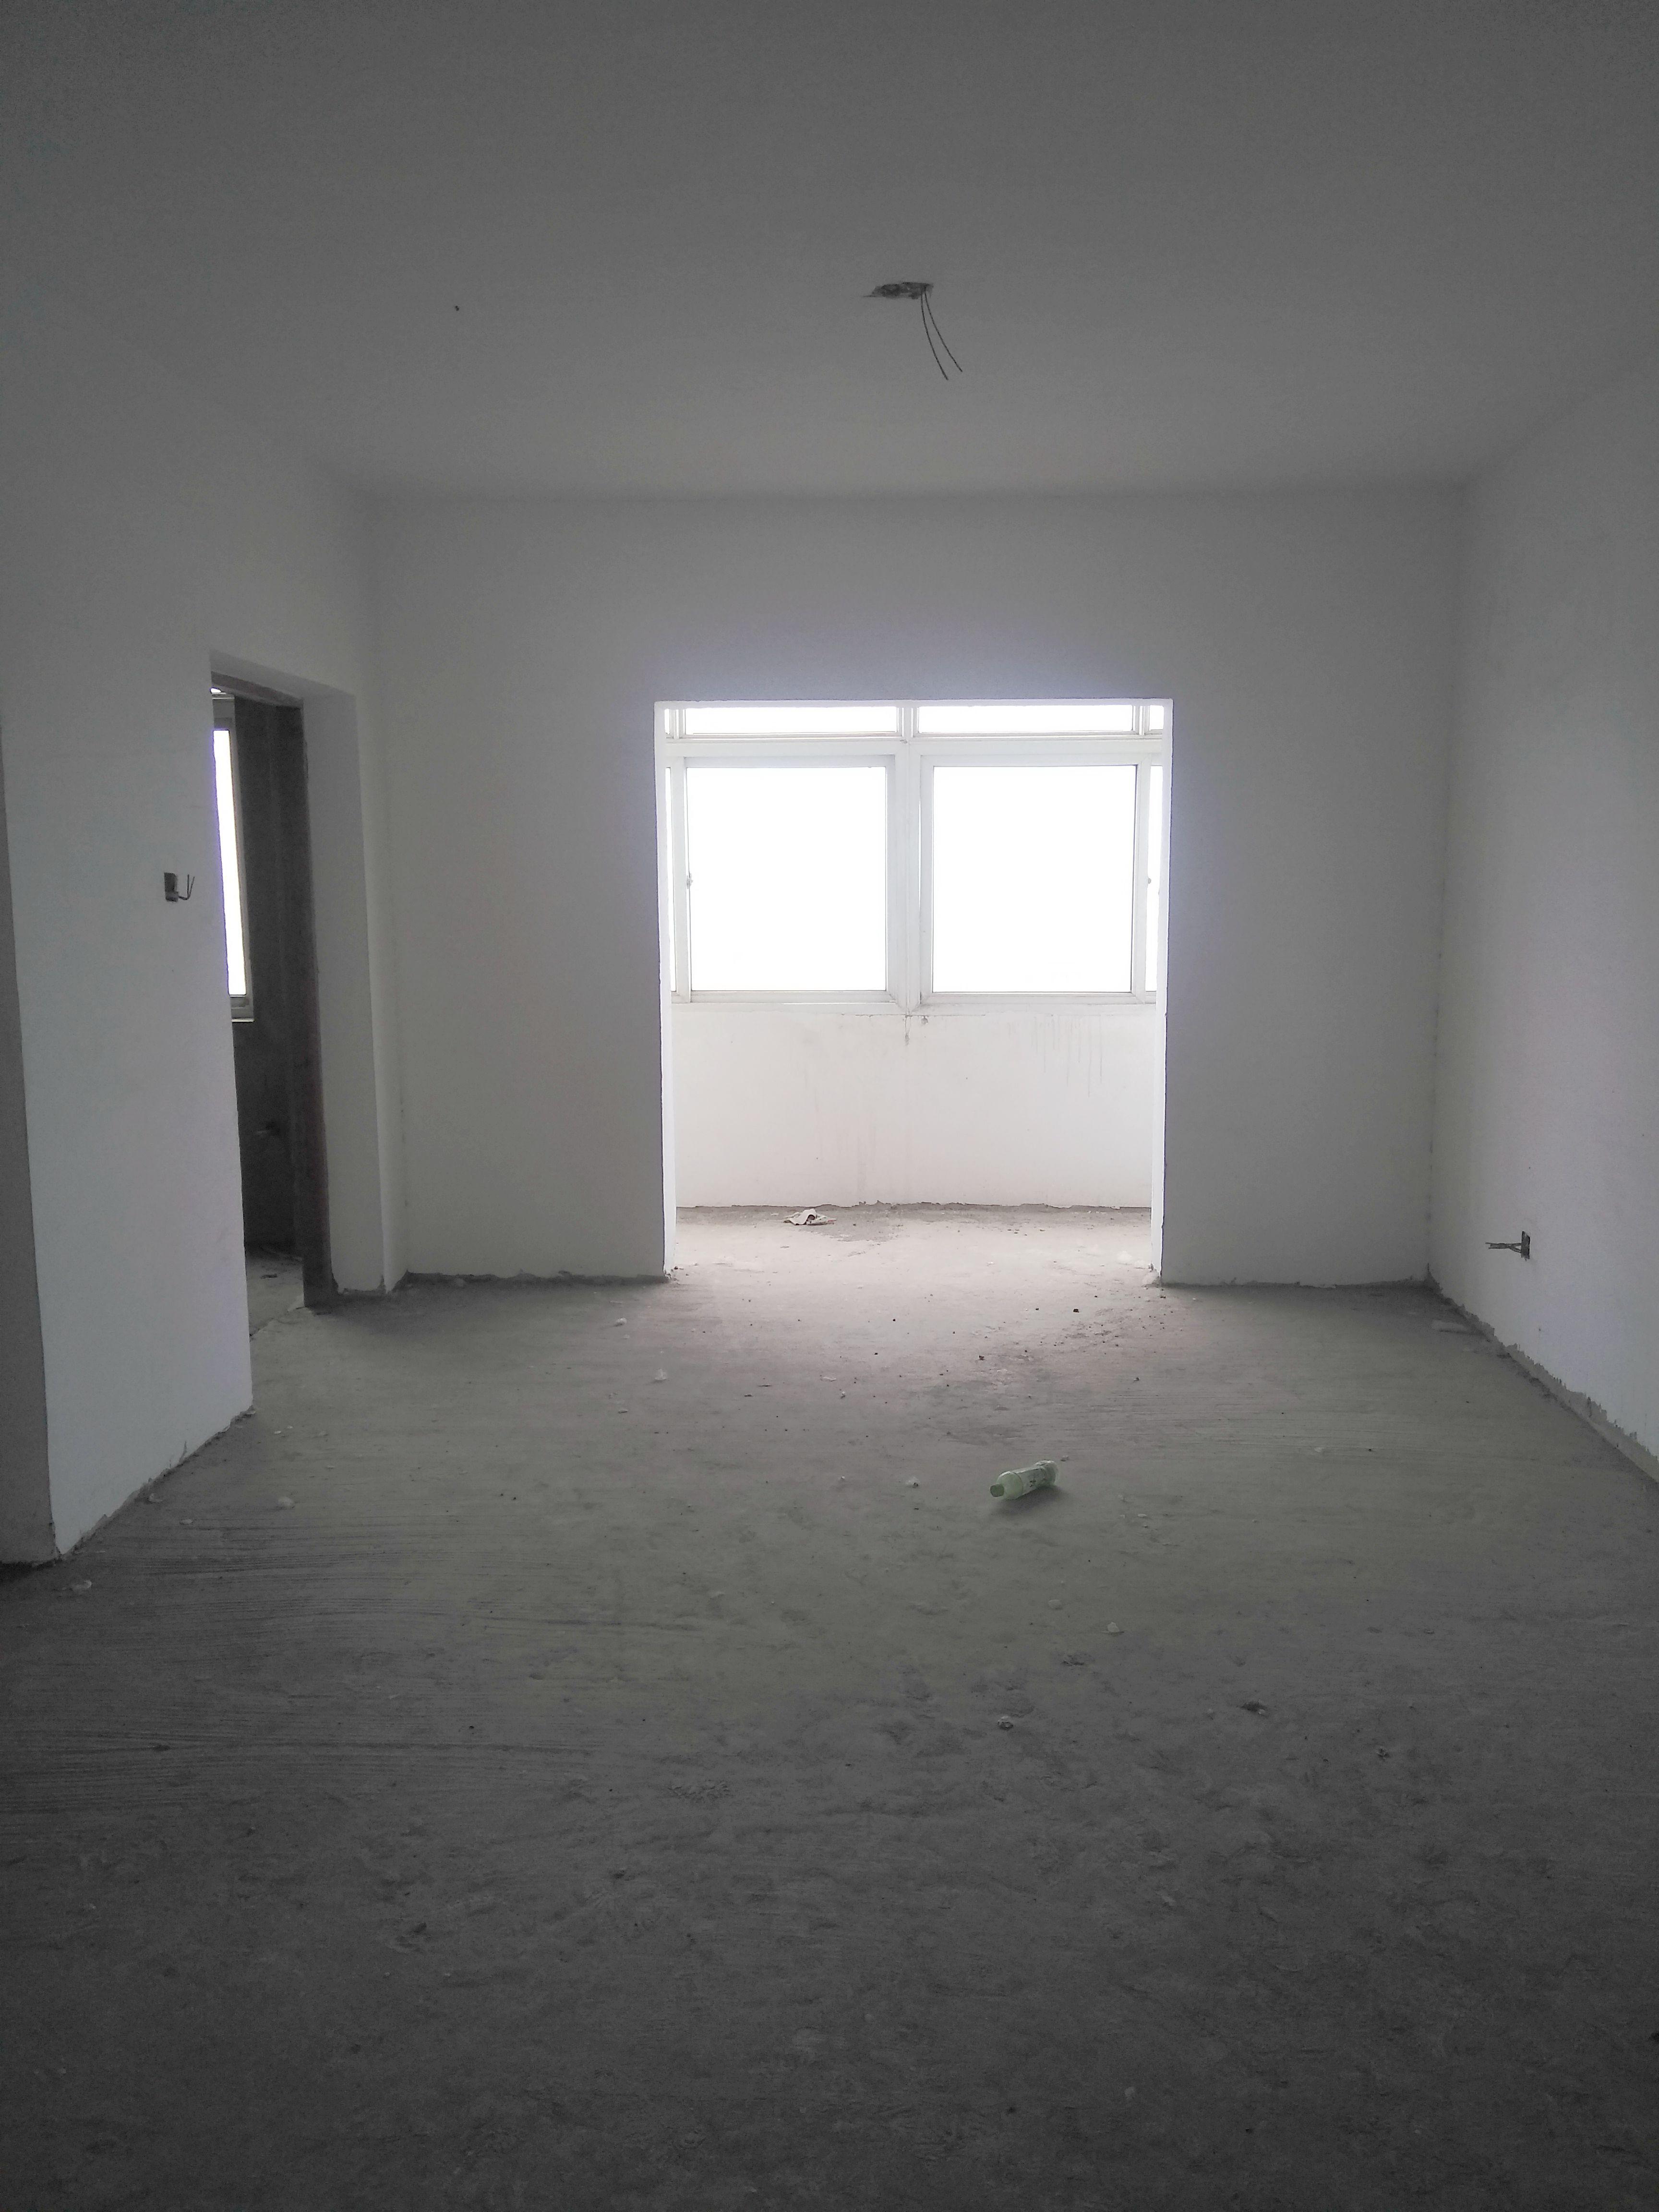 绿苑山庄 3室2厅 新毛坯房